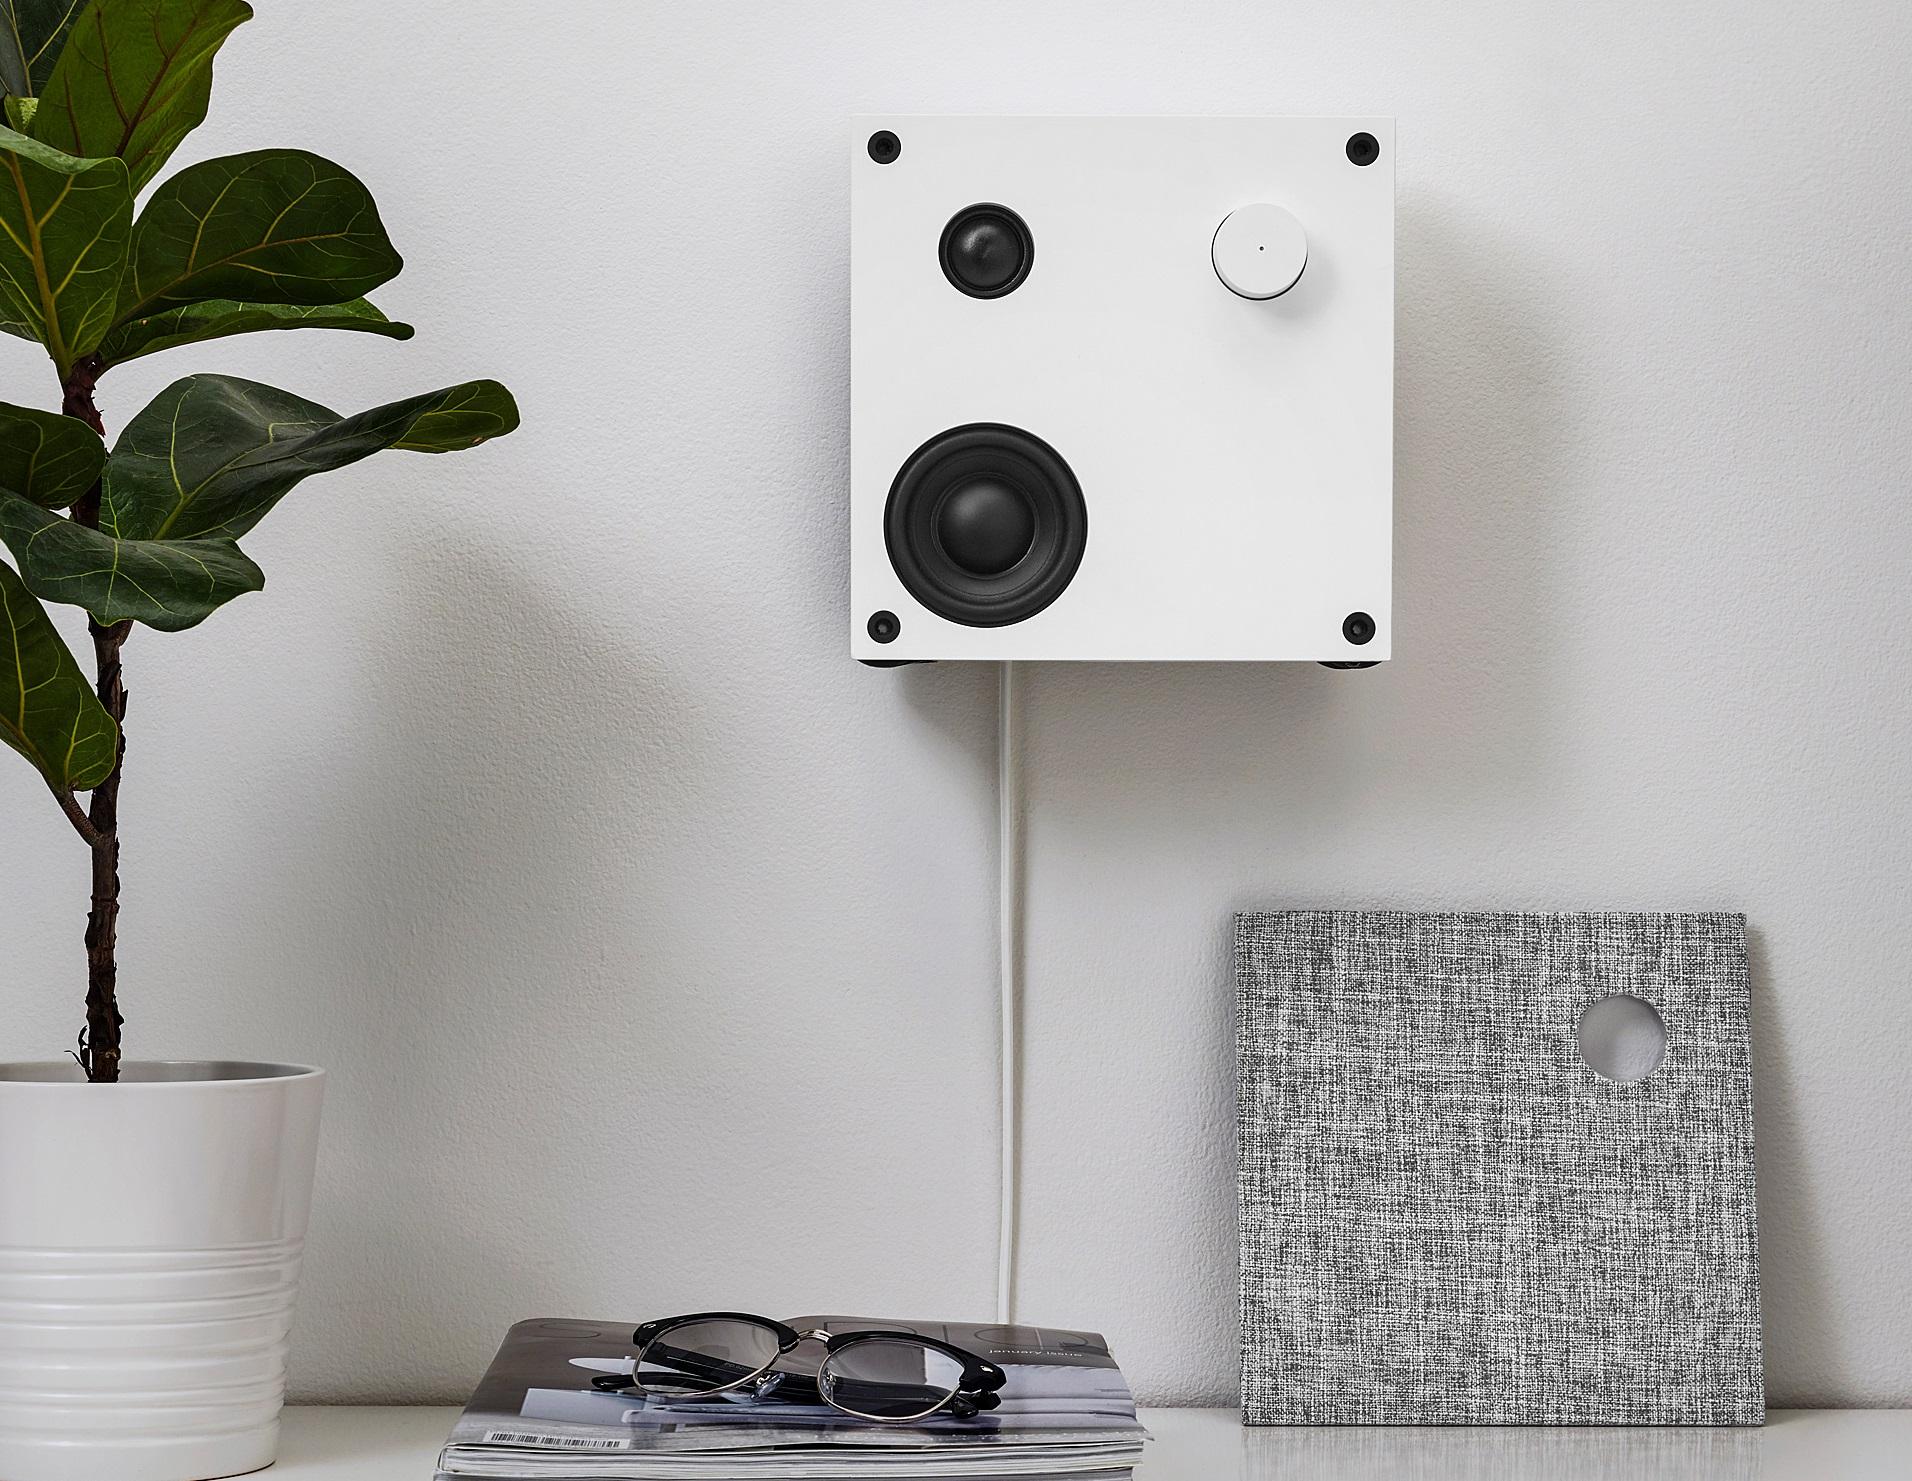 neue bluetooth lautsprecher von ikea gar nicht mal so g nstig alle infos bei giga. Black Bedroom Furniture Sets. Home Design Ideas